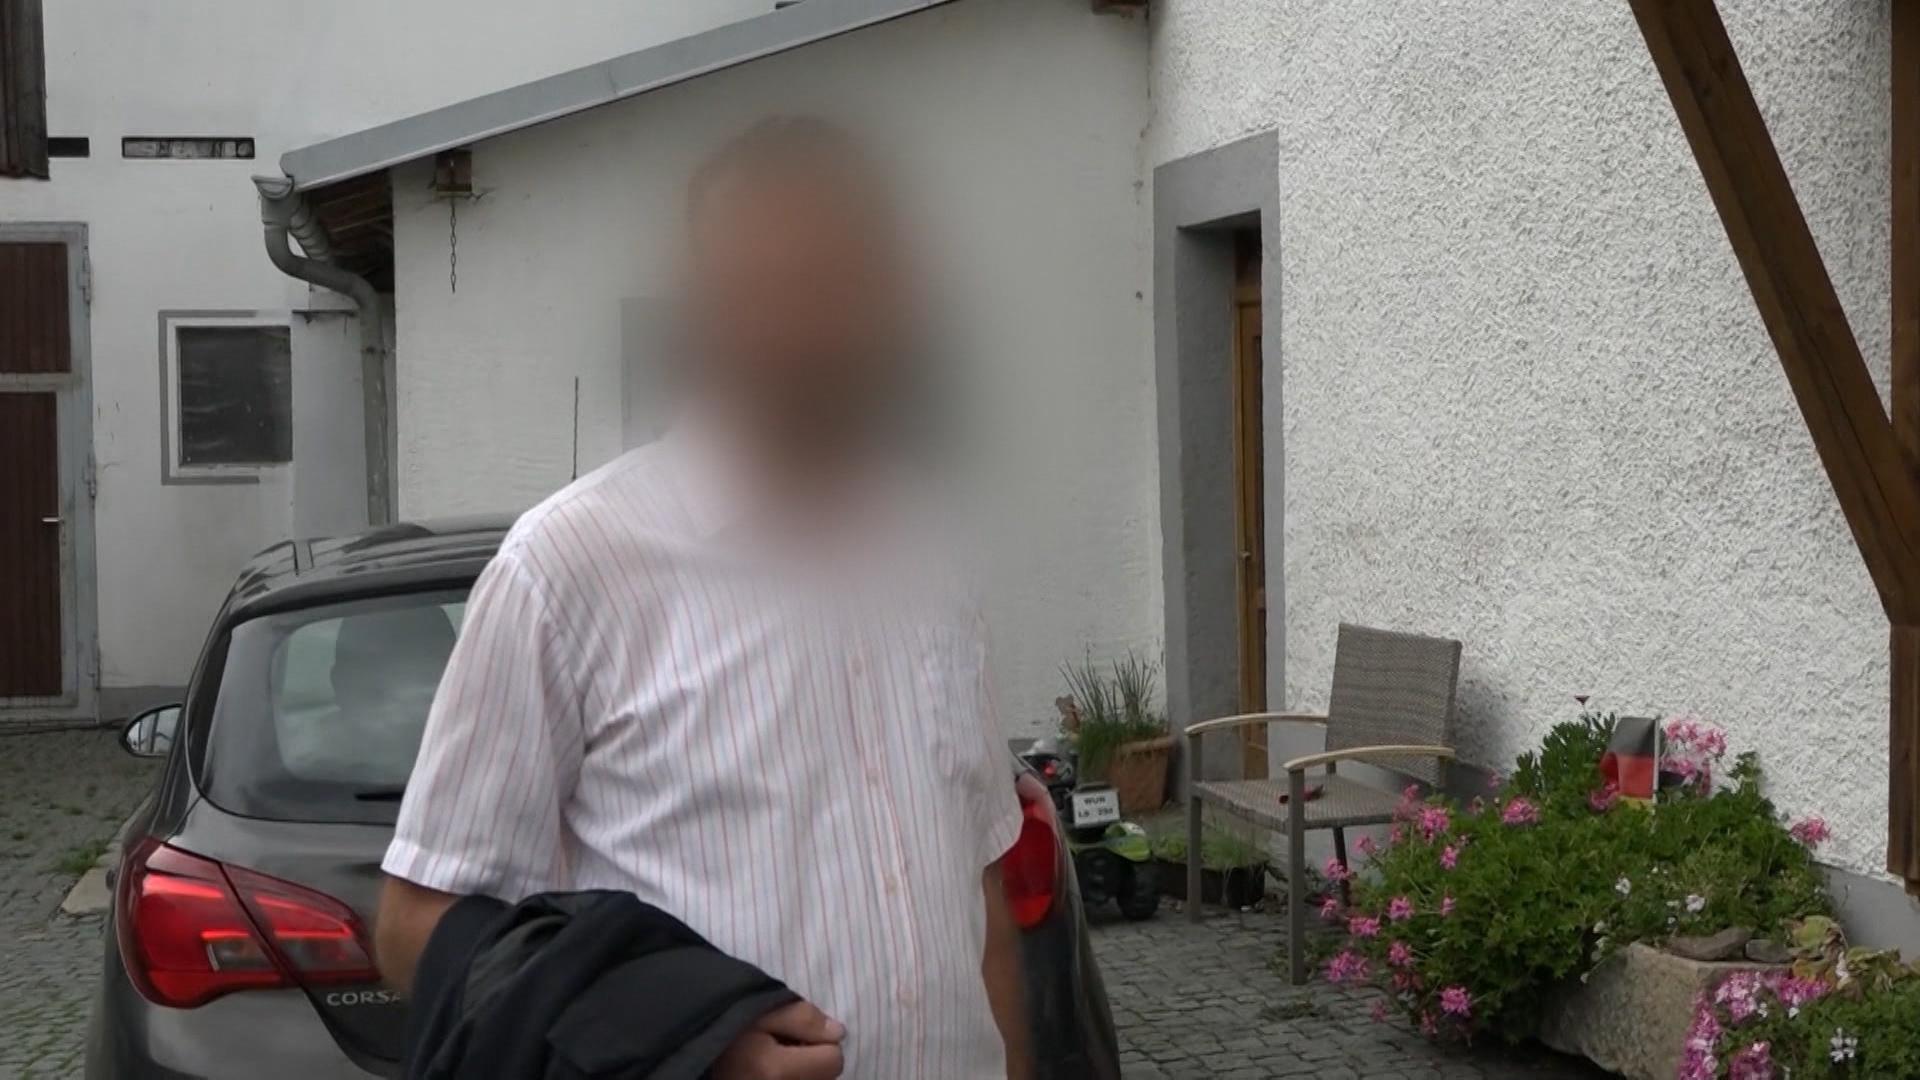 Der tatverdächtige Manuel S. im Mordfall Peggy steht vor seinem Haus